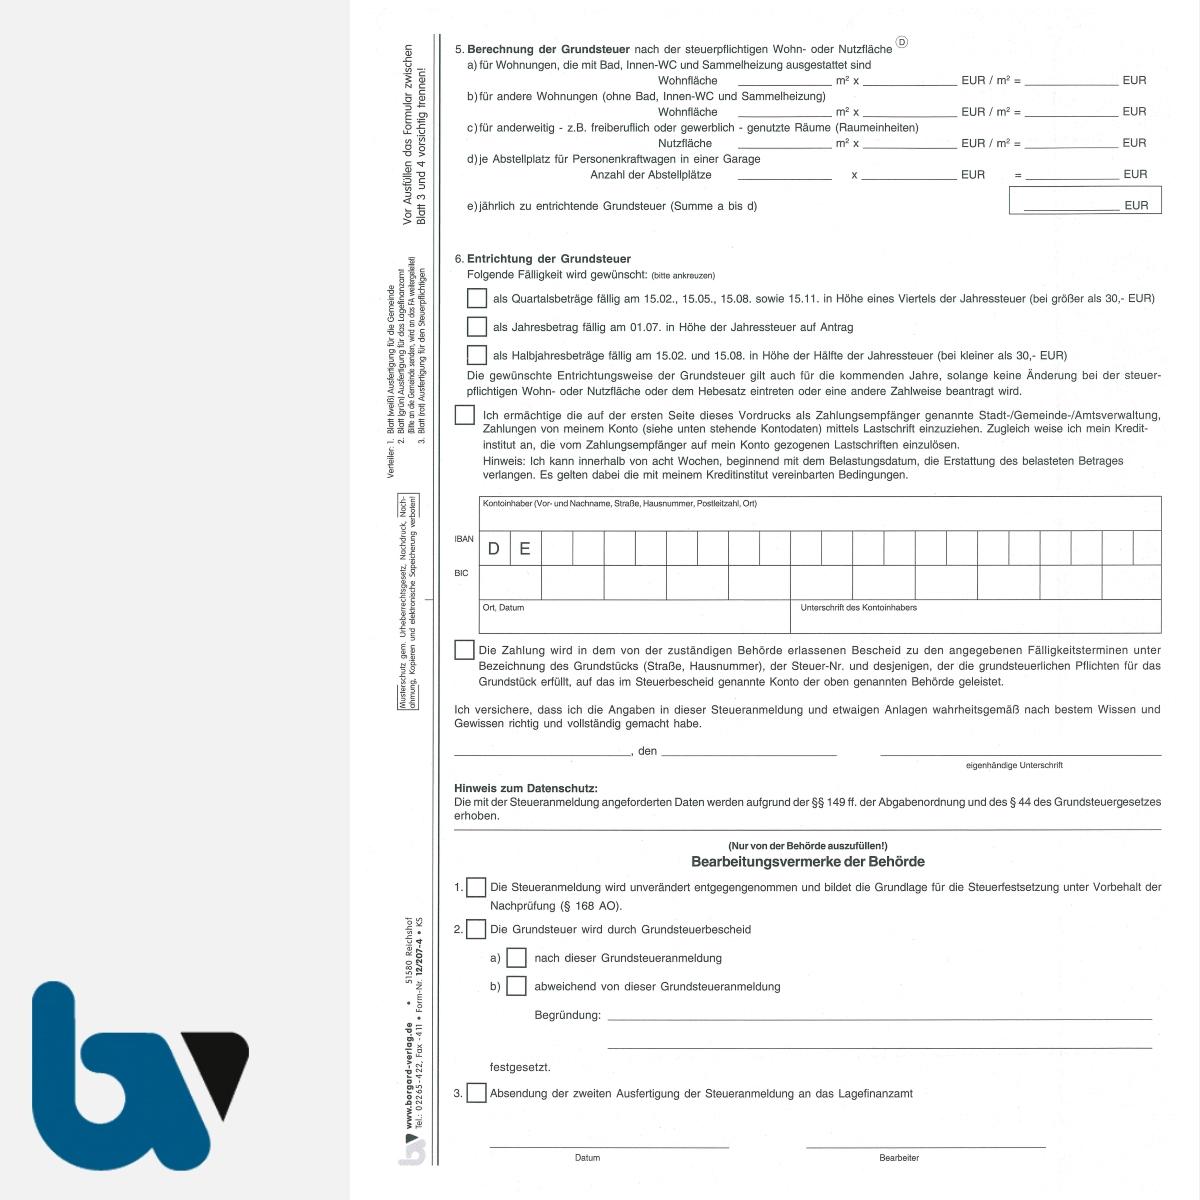 12/207-4.1 Grundsteuer Anmeldung Berechnung Entrichtung mit Einzugsermächtigung Erläuterungen Hinweise 3-fach selbstdurchschreibend DIN A4 Seite 2 | Borgard Verlag GmbH